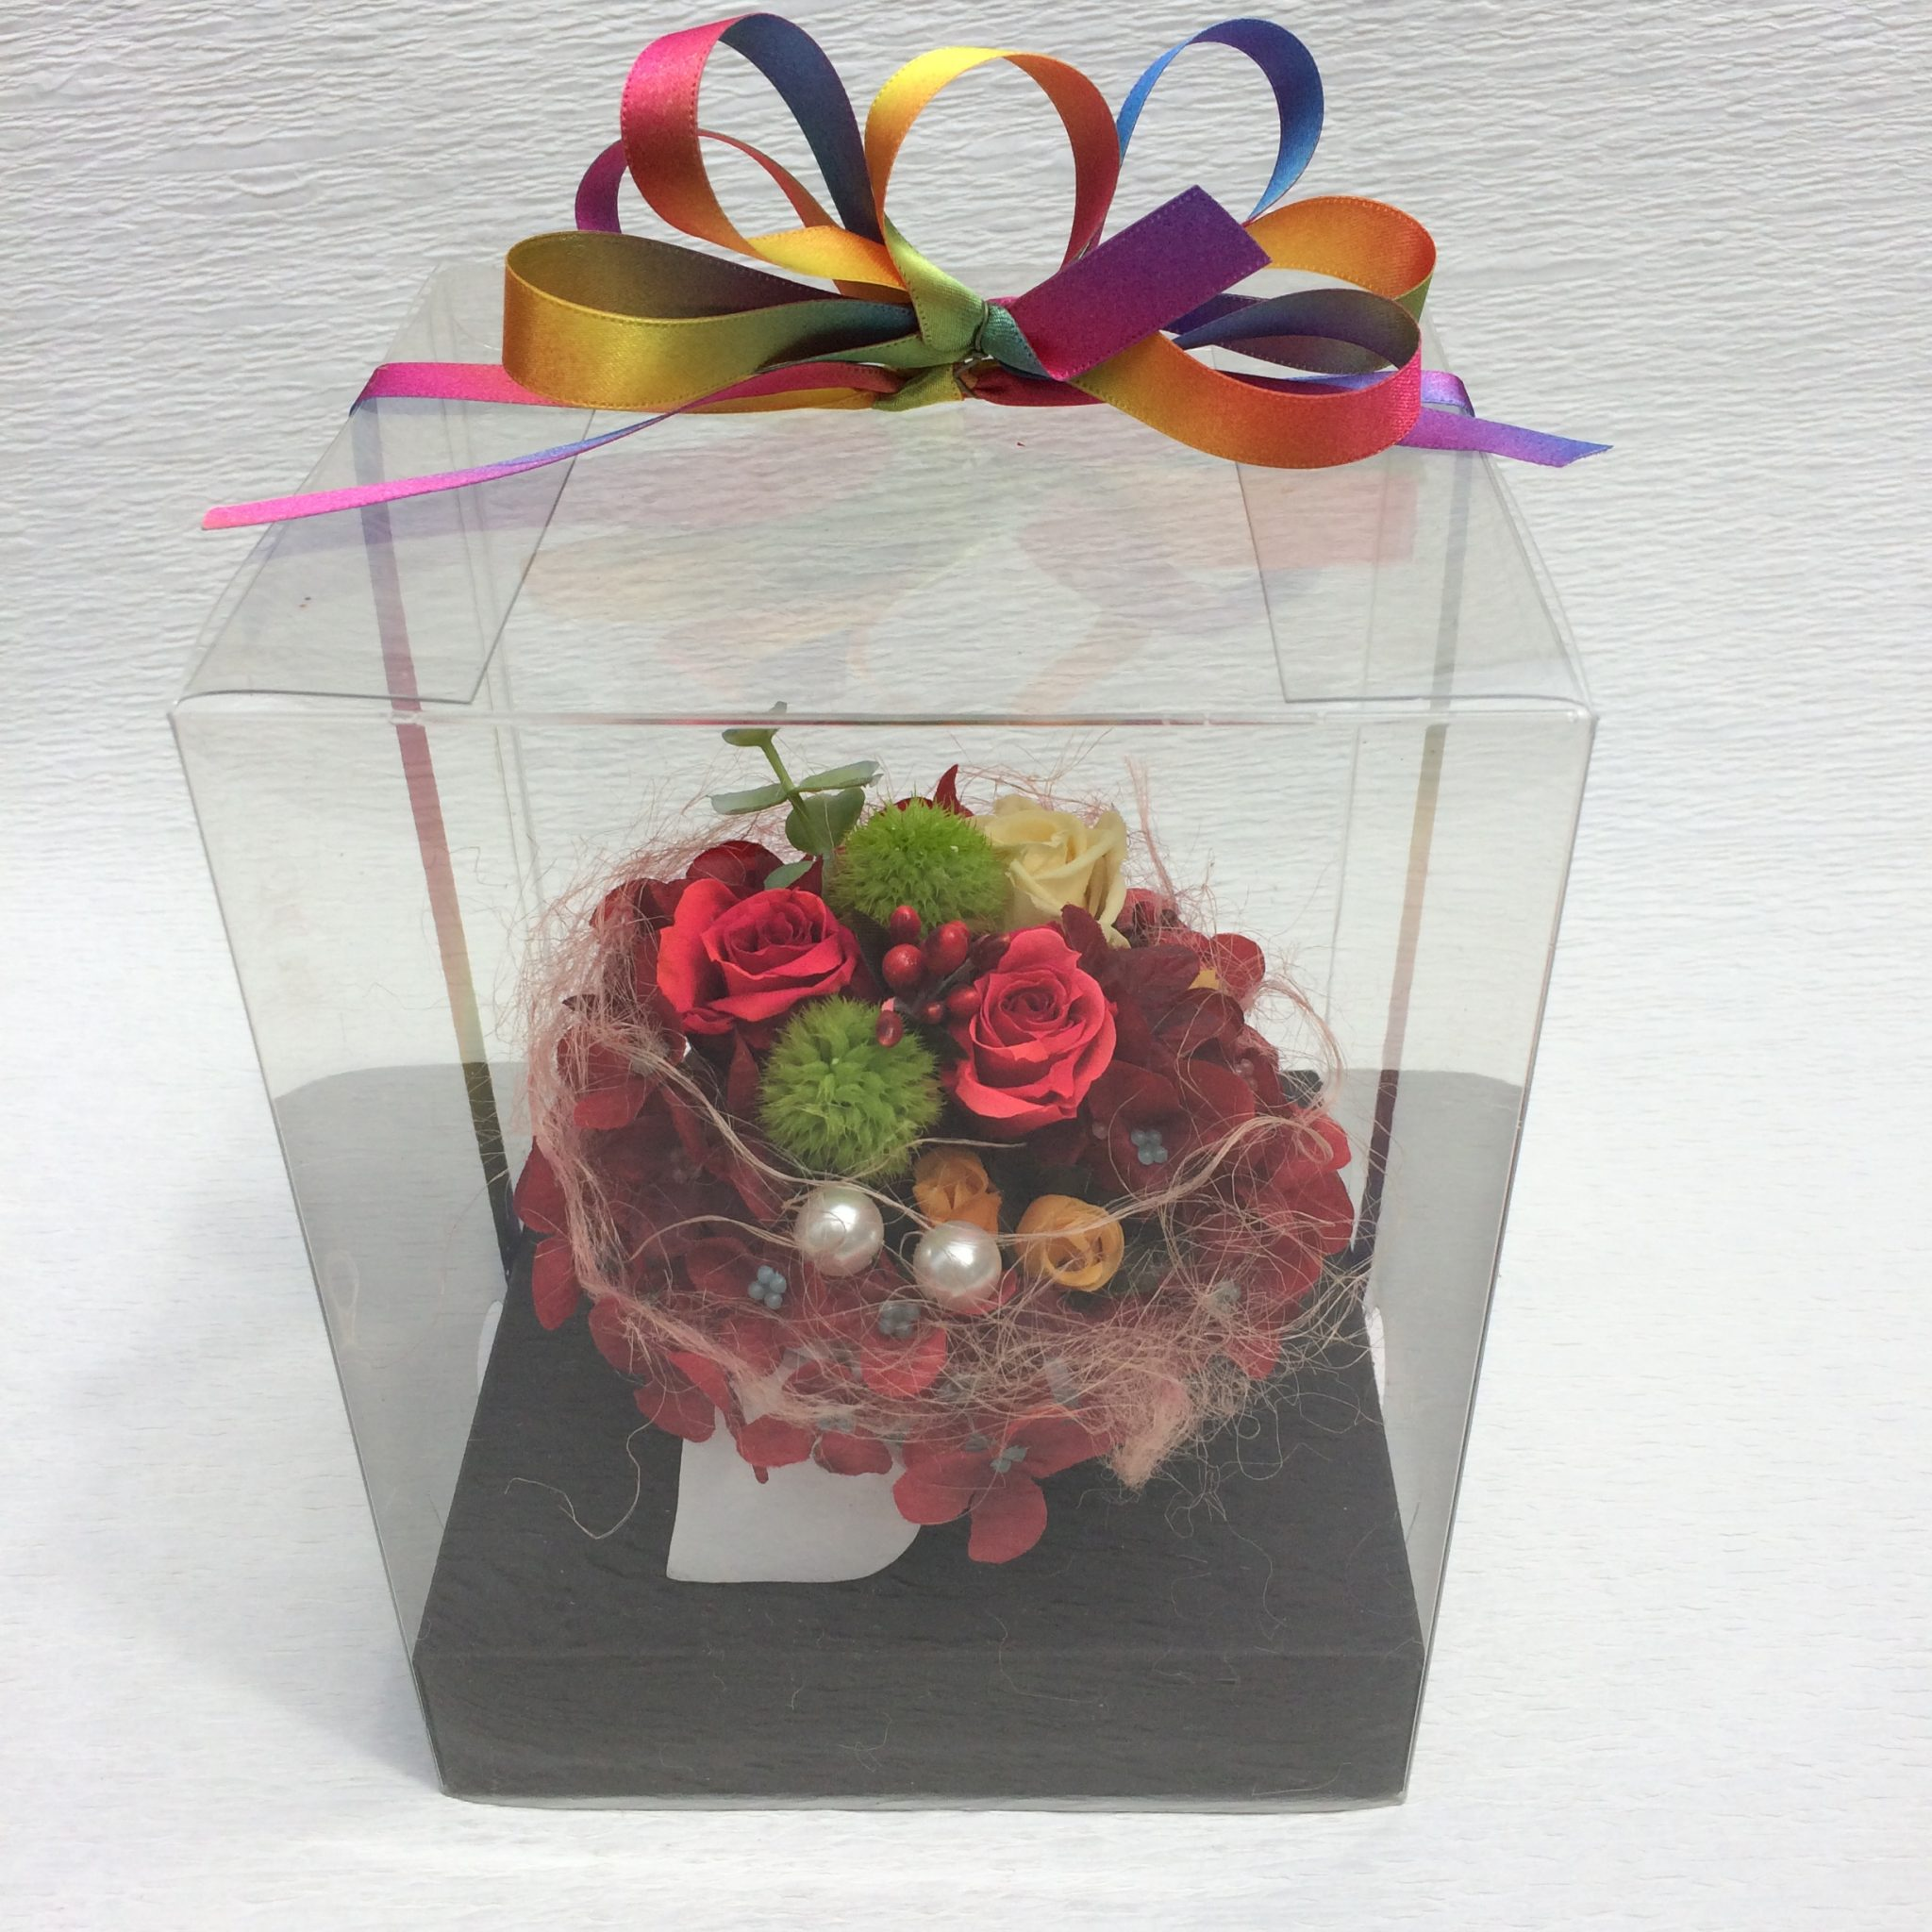 プリザーブドフラワー(カラフル)3000円